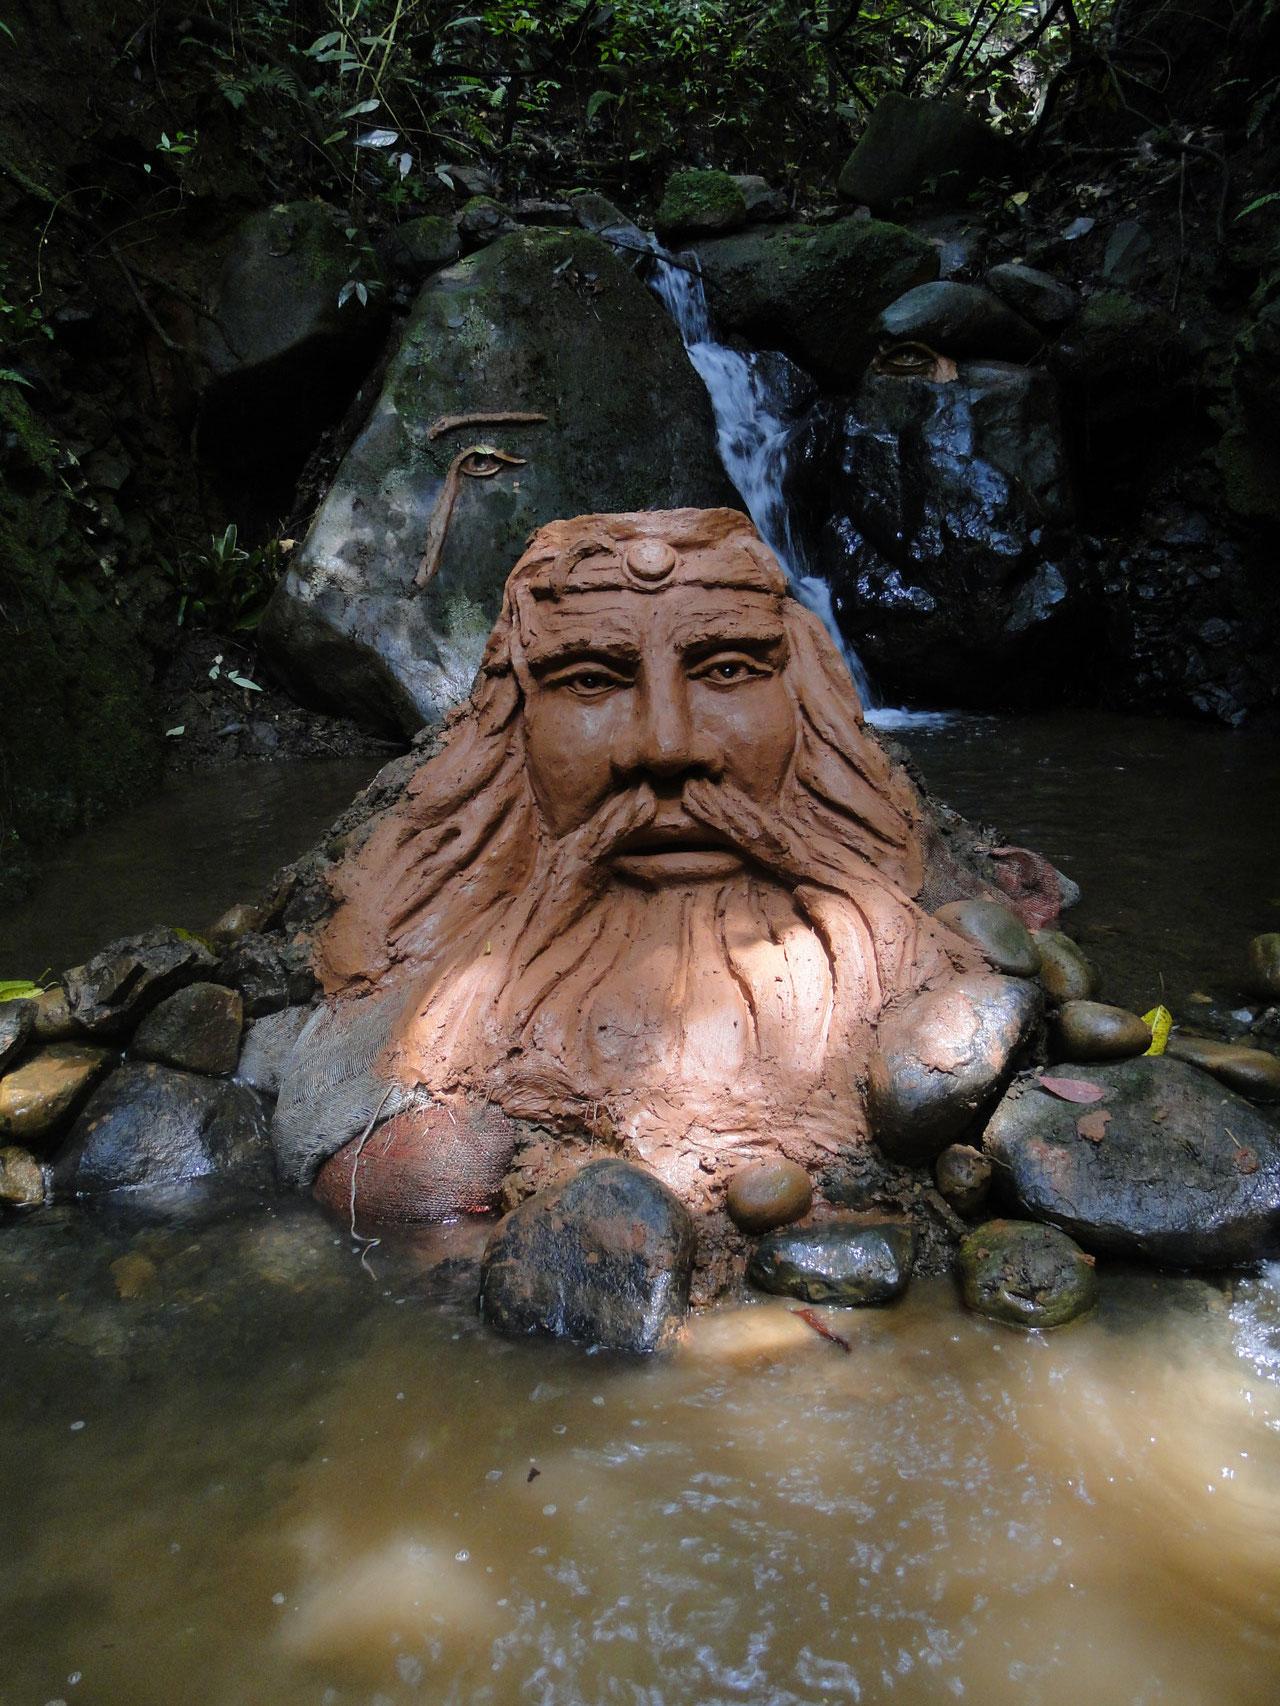 Mohan señor de las aguas